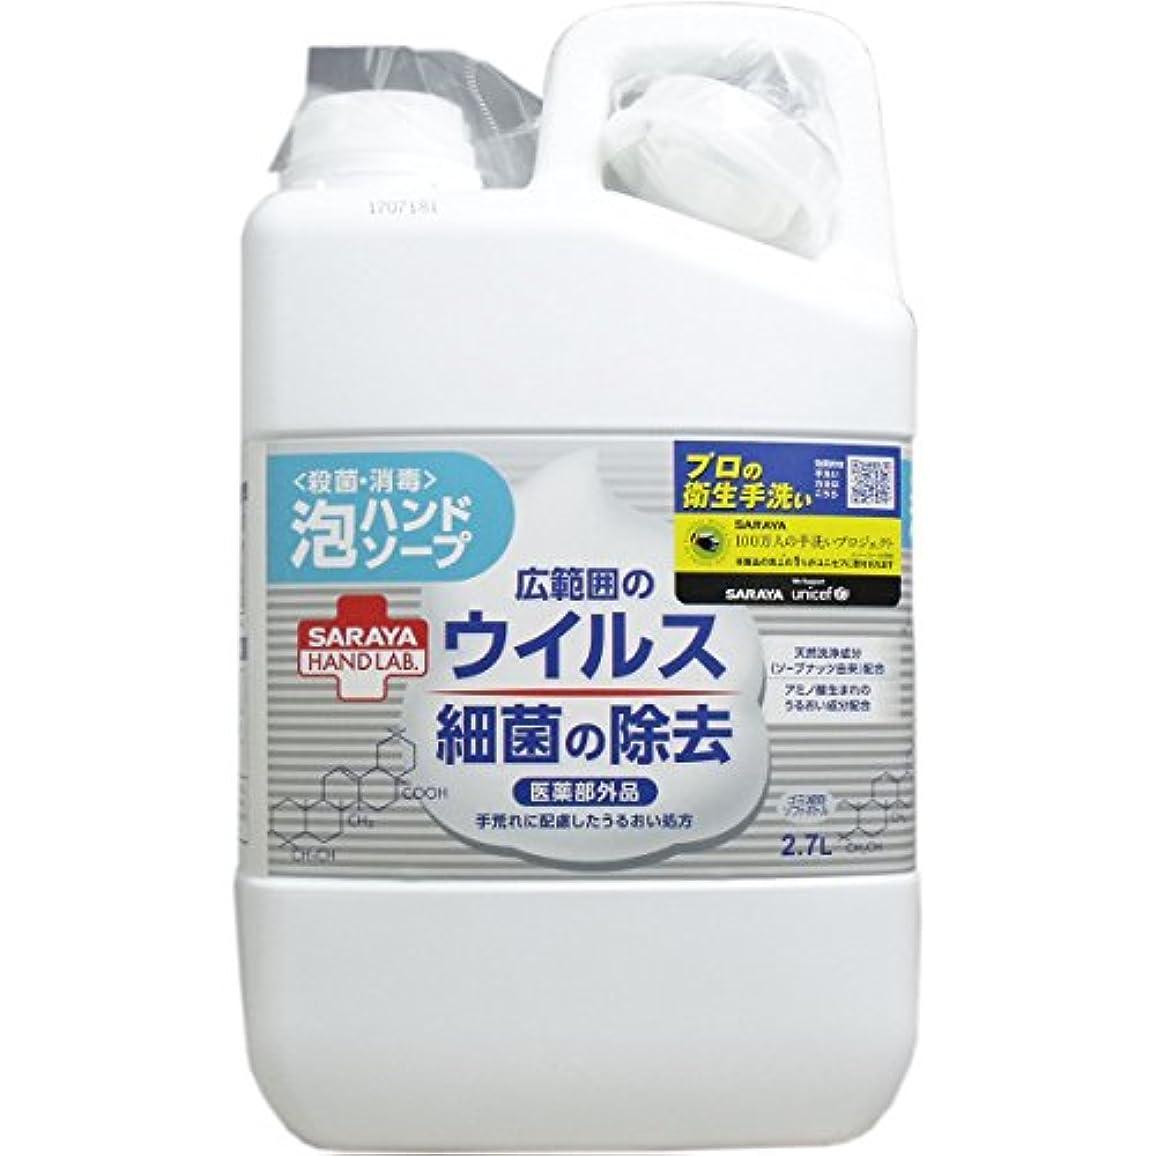 近所の砂の下品ハンドラボ 薬用泡ハンドソープ 詰替用 2.7L(単品)